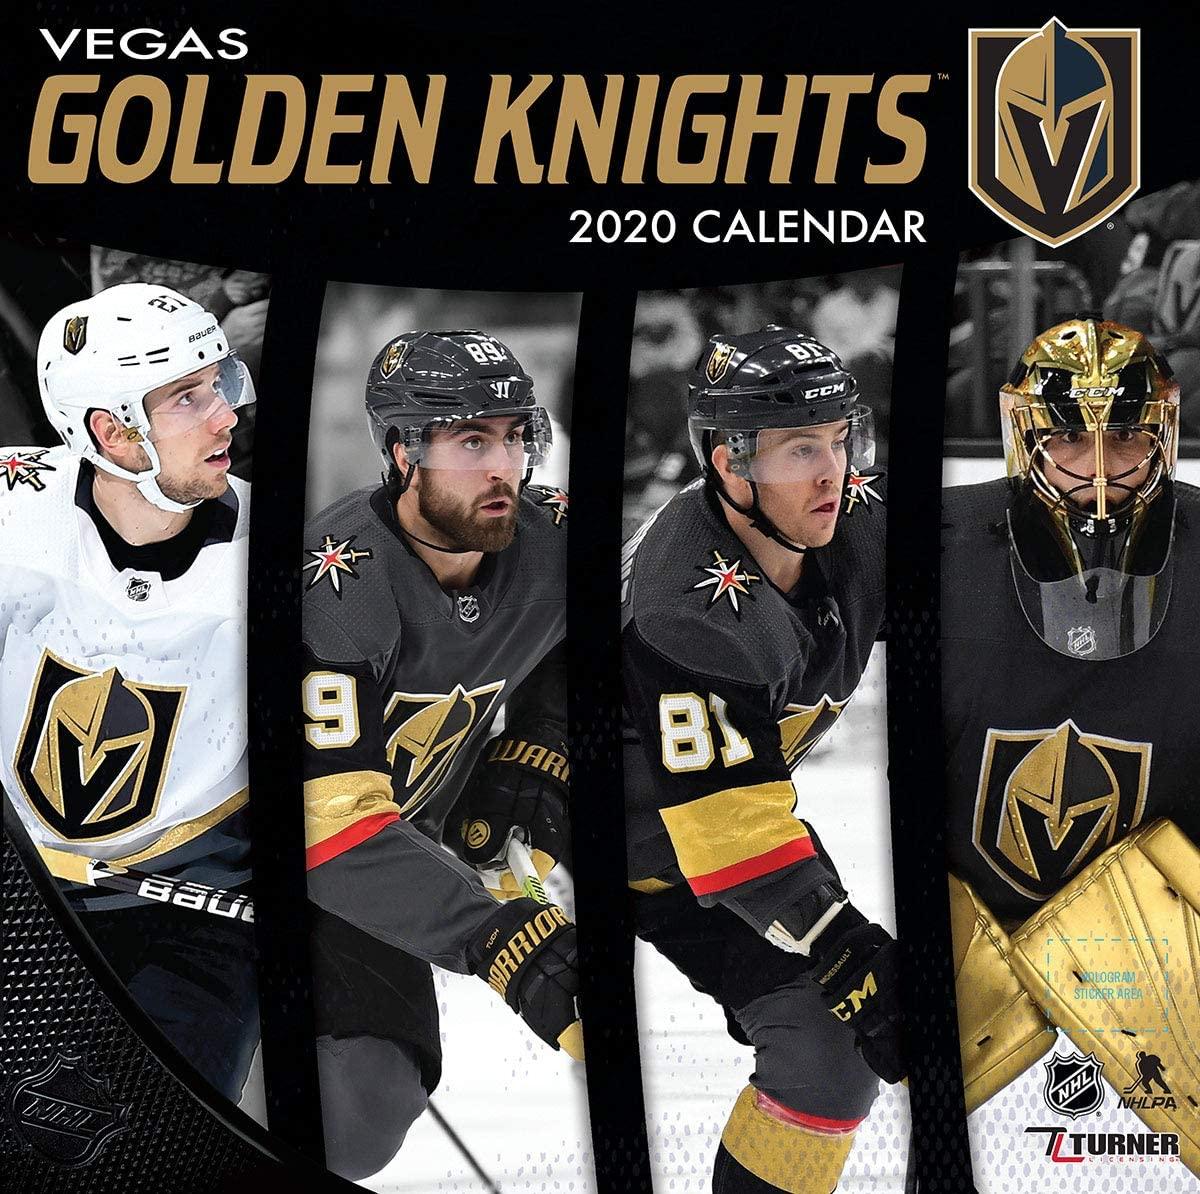 Vegas Golden Knights 2020 Calendar